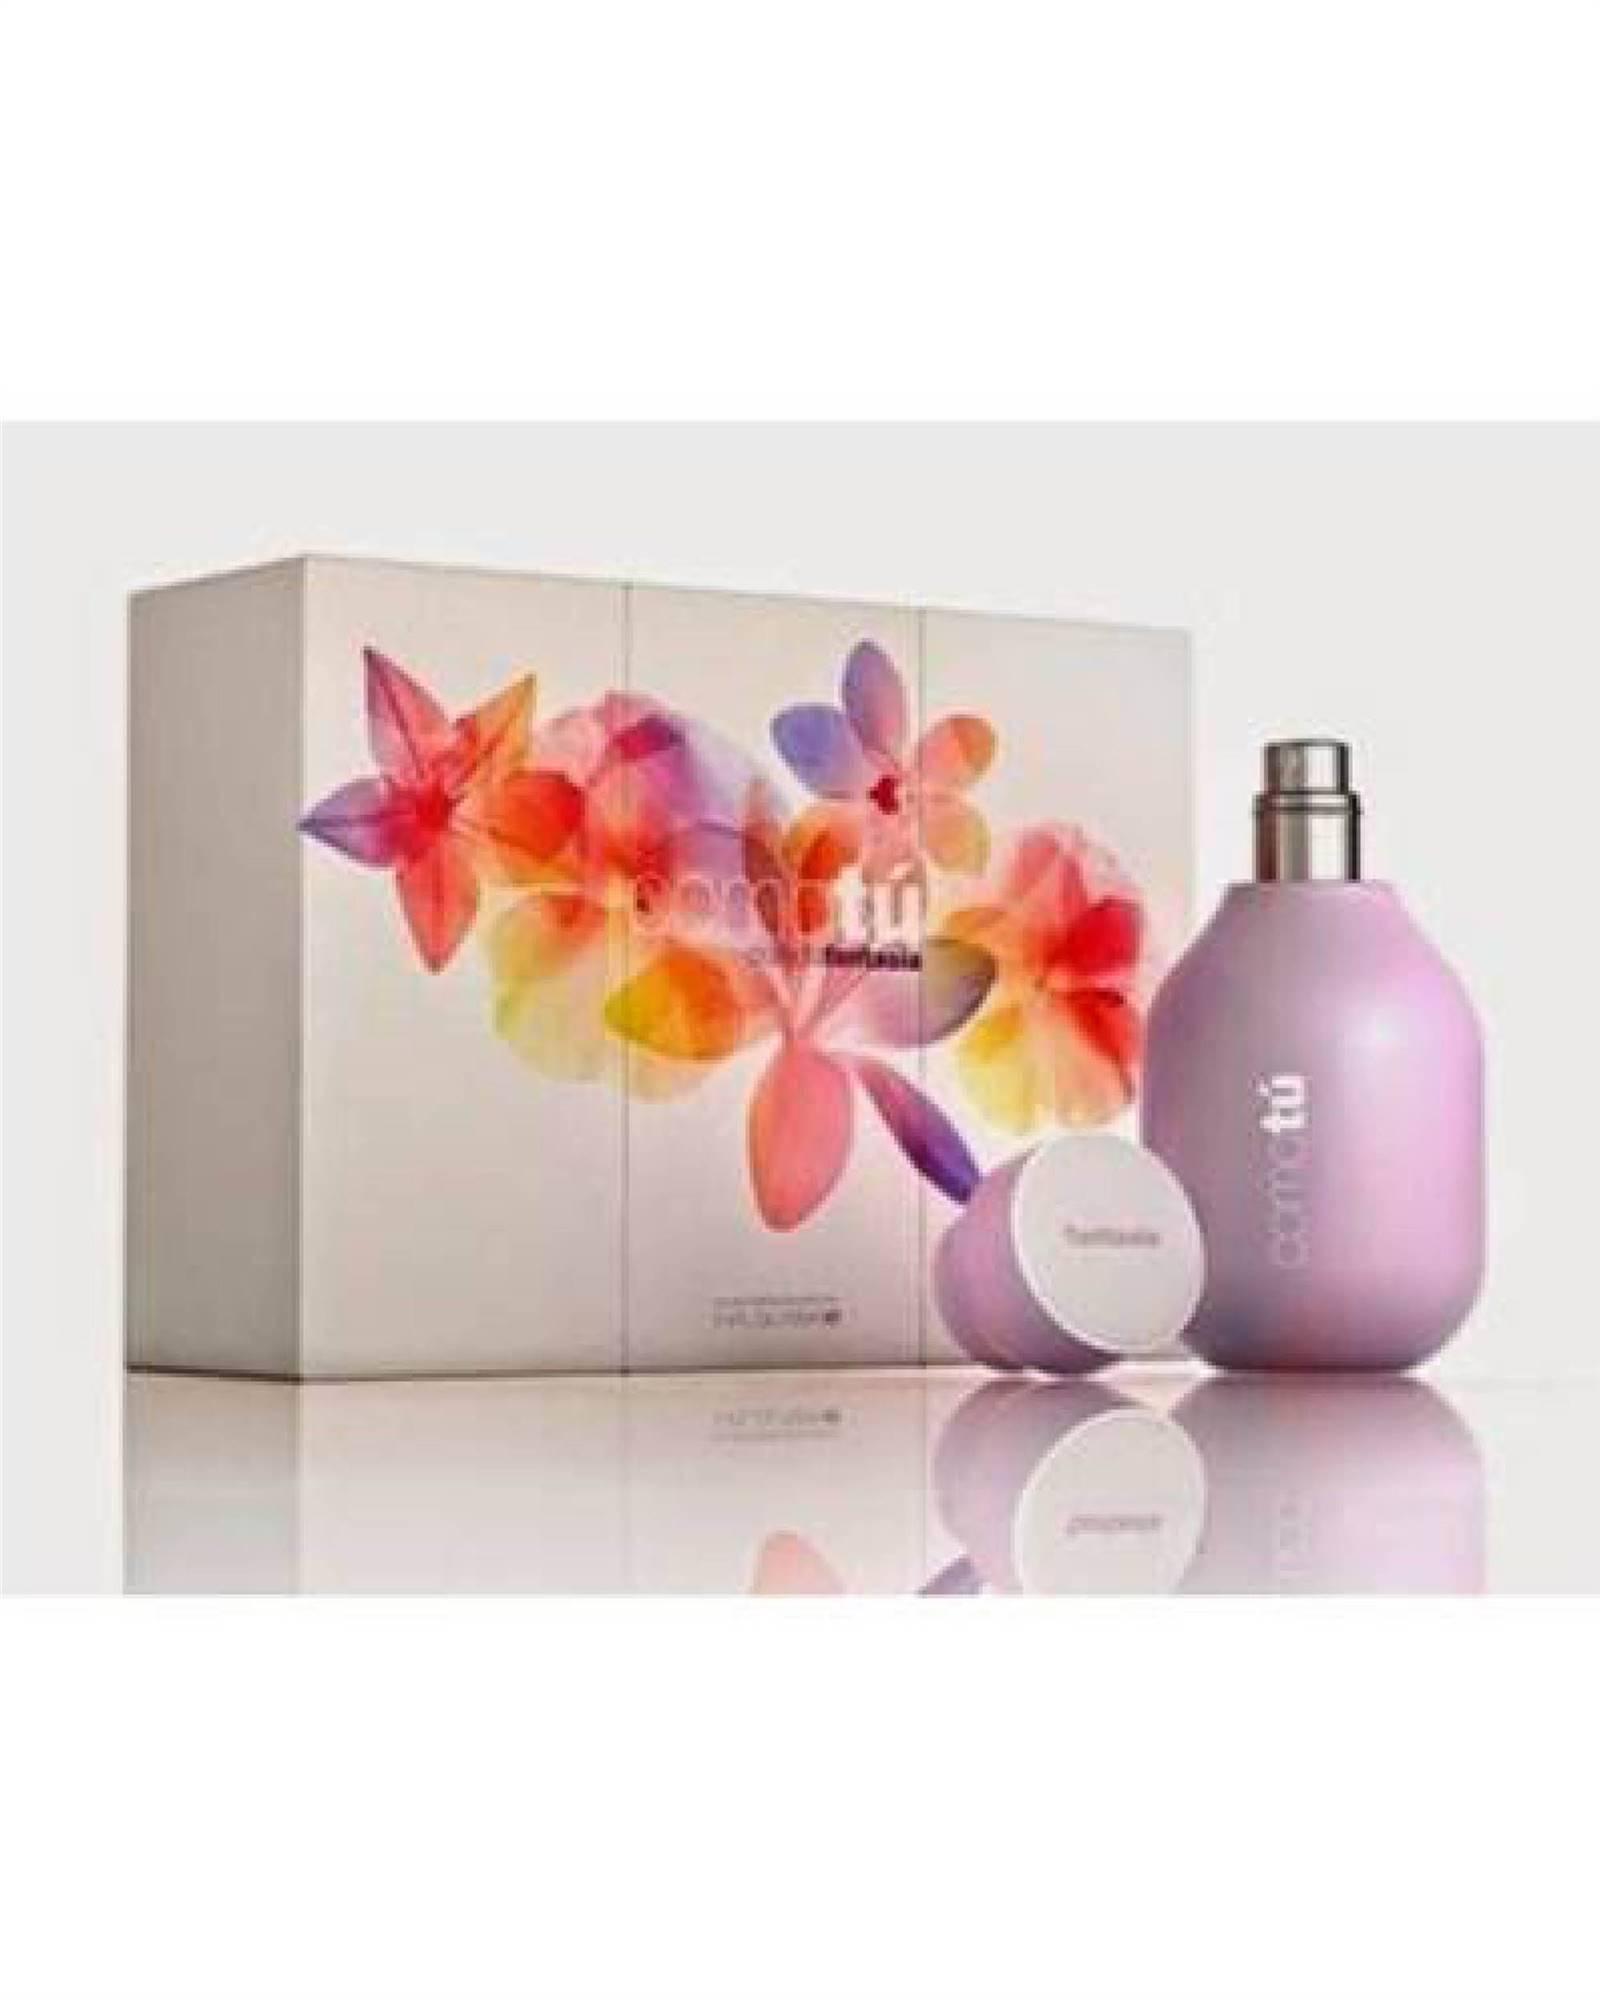 Colonia De Vainilla Mercadona Precio Clones De Perfumes De Alta Gama Que Puedes Comprar En El Supermercado